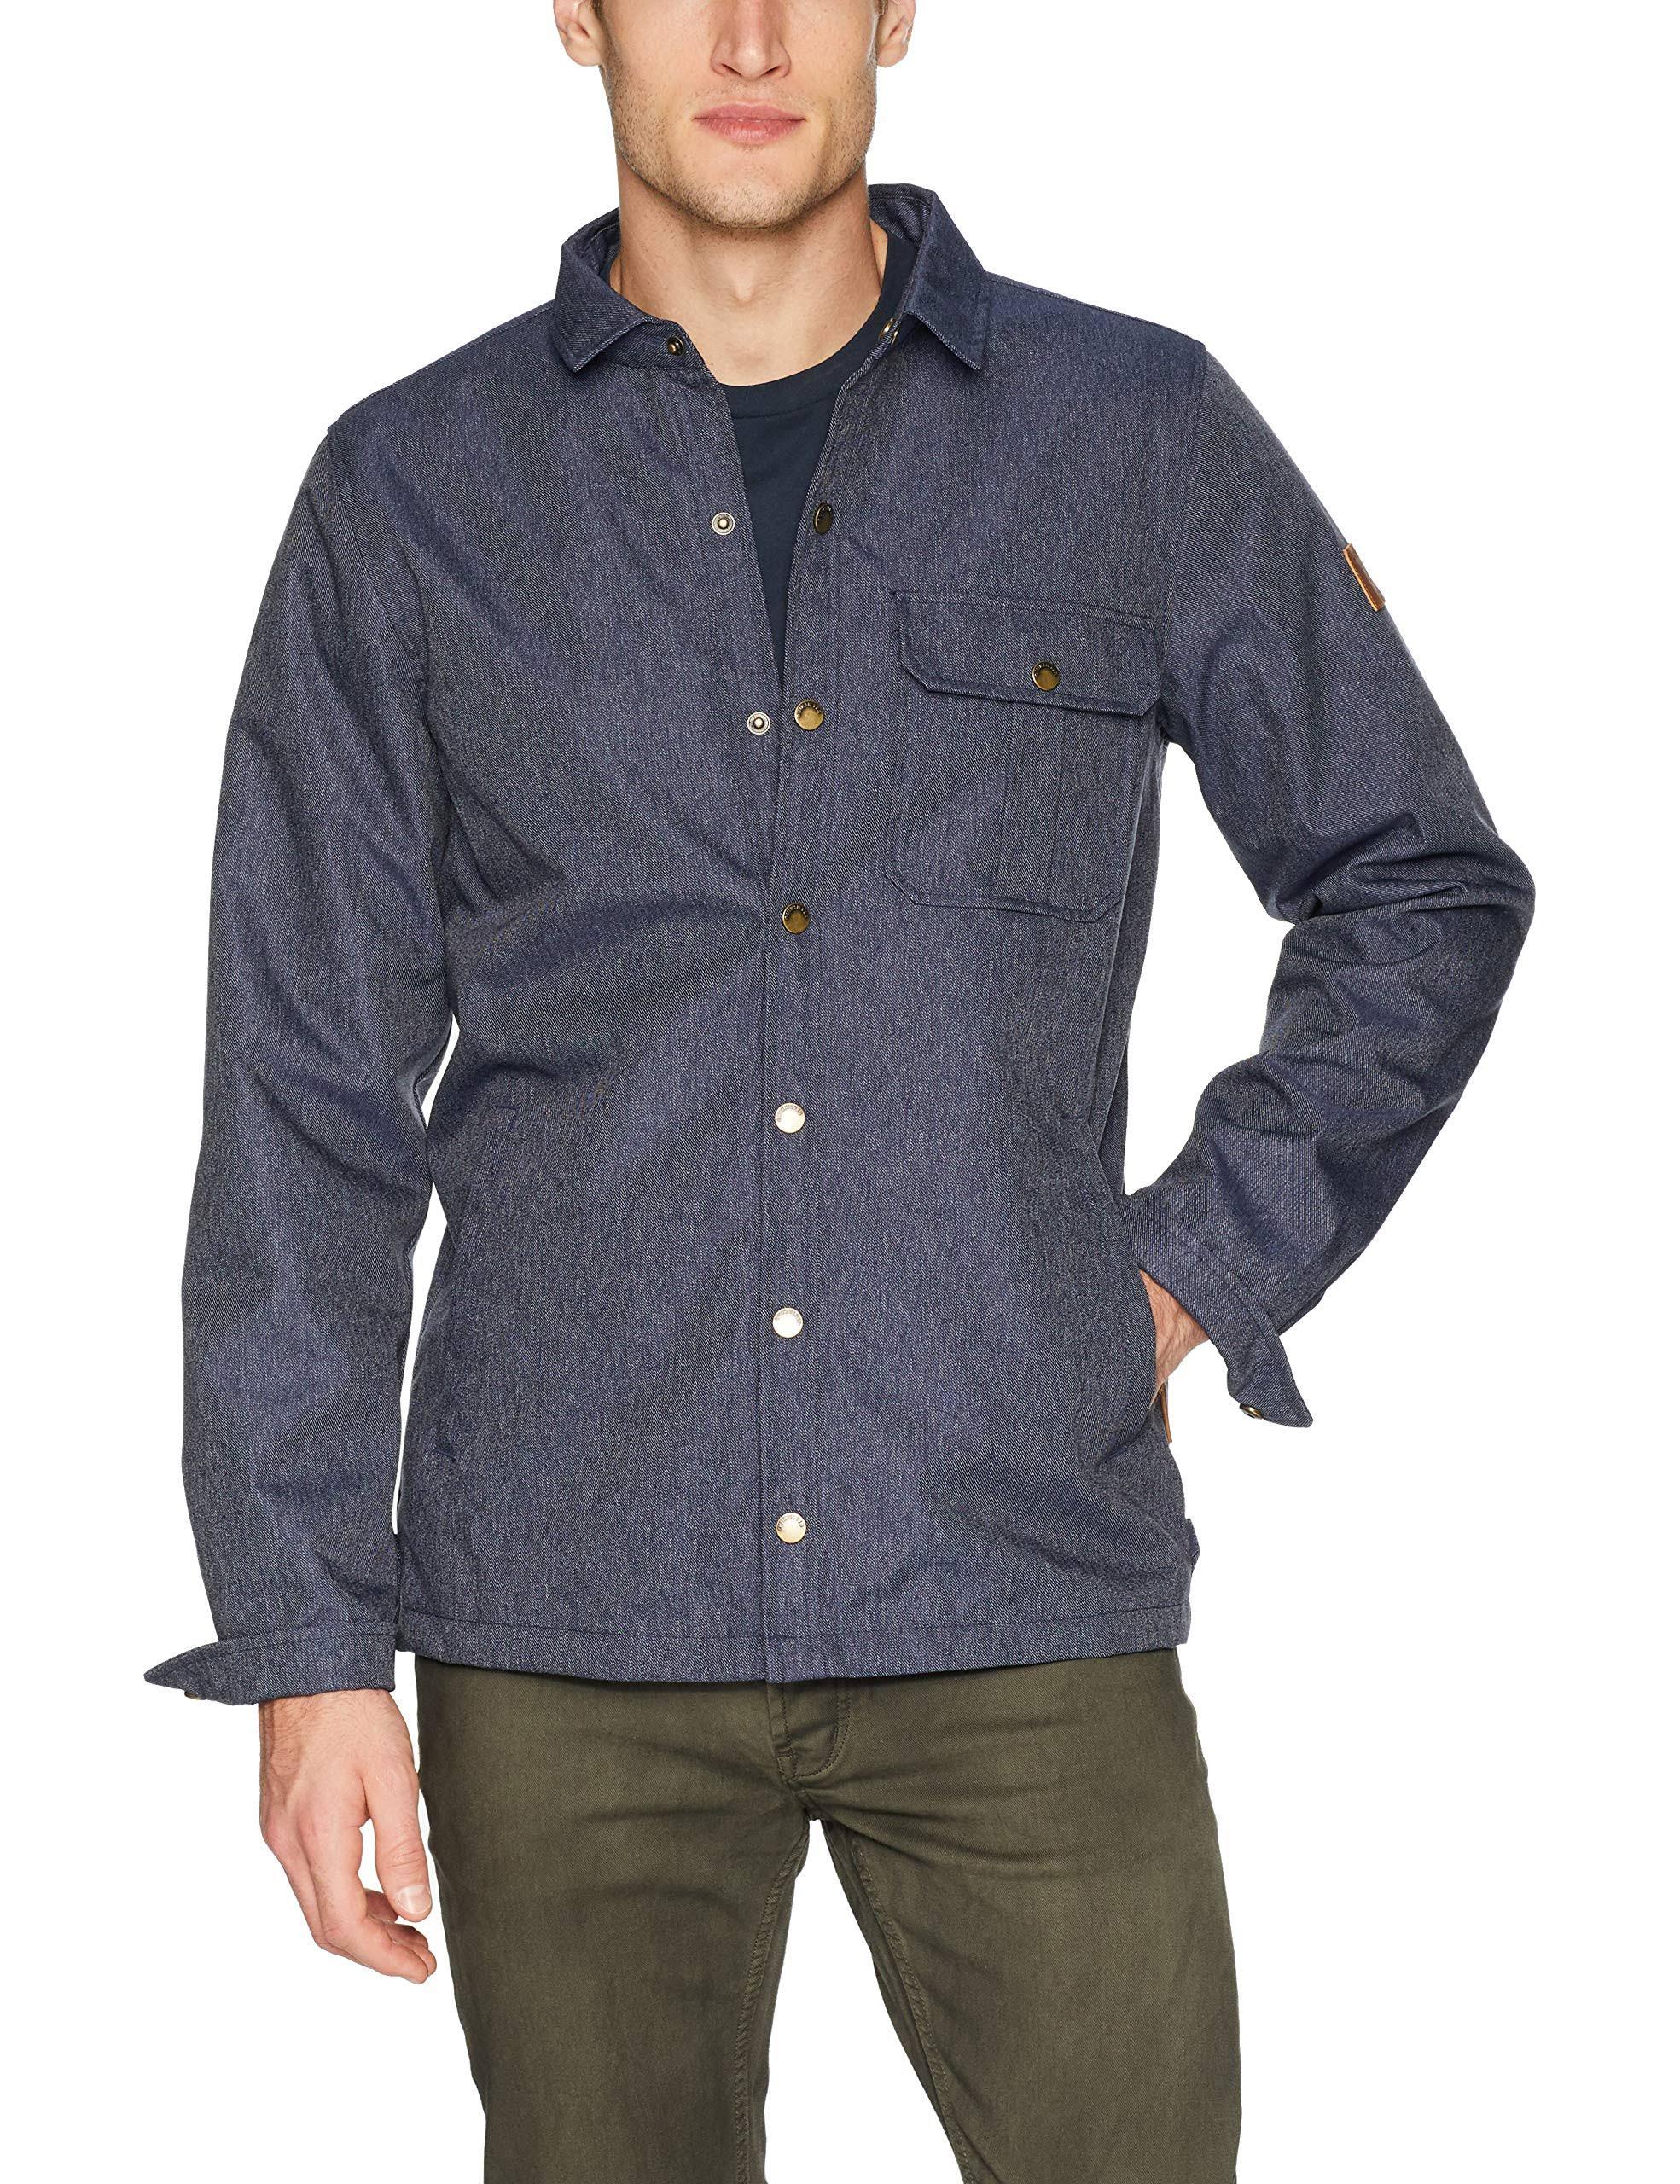 Quiksilver M Wildcard Hombres Los Talla Azul Camisa Denim Sobre De La rrxvw1Uqg6